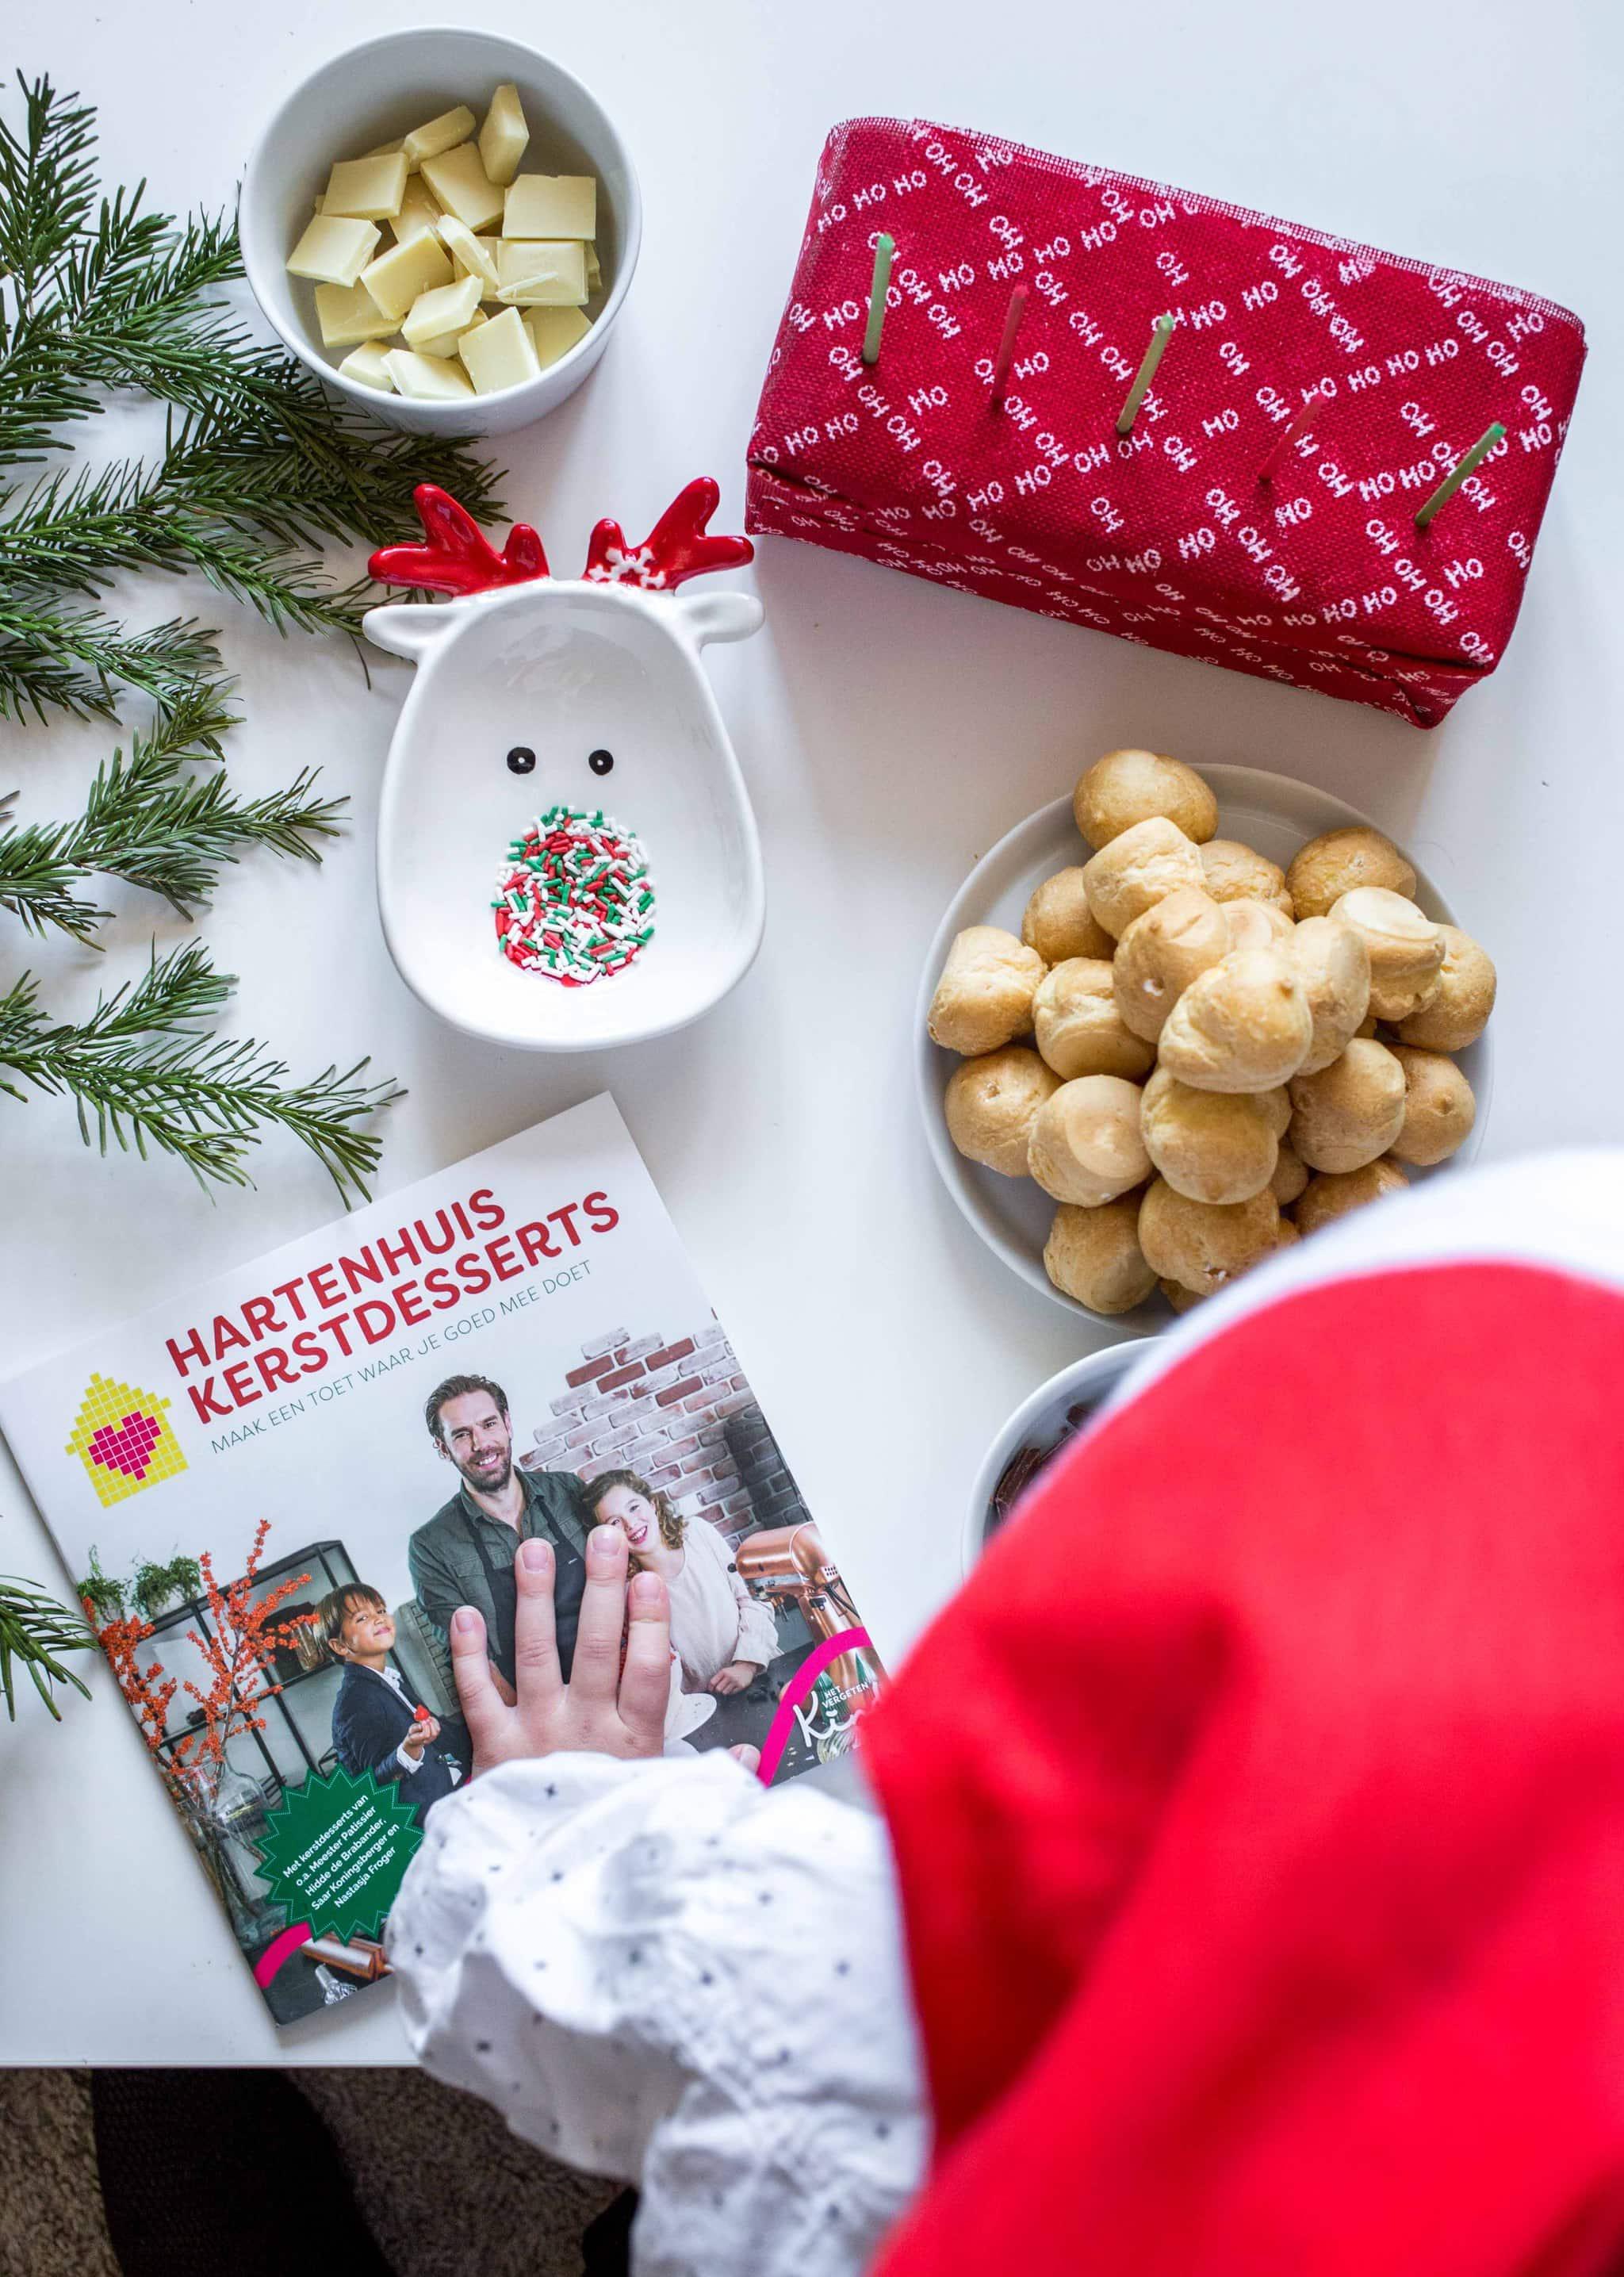 eetbare kerstballen 1 - Recept voor chocolade kerstballen